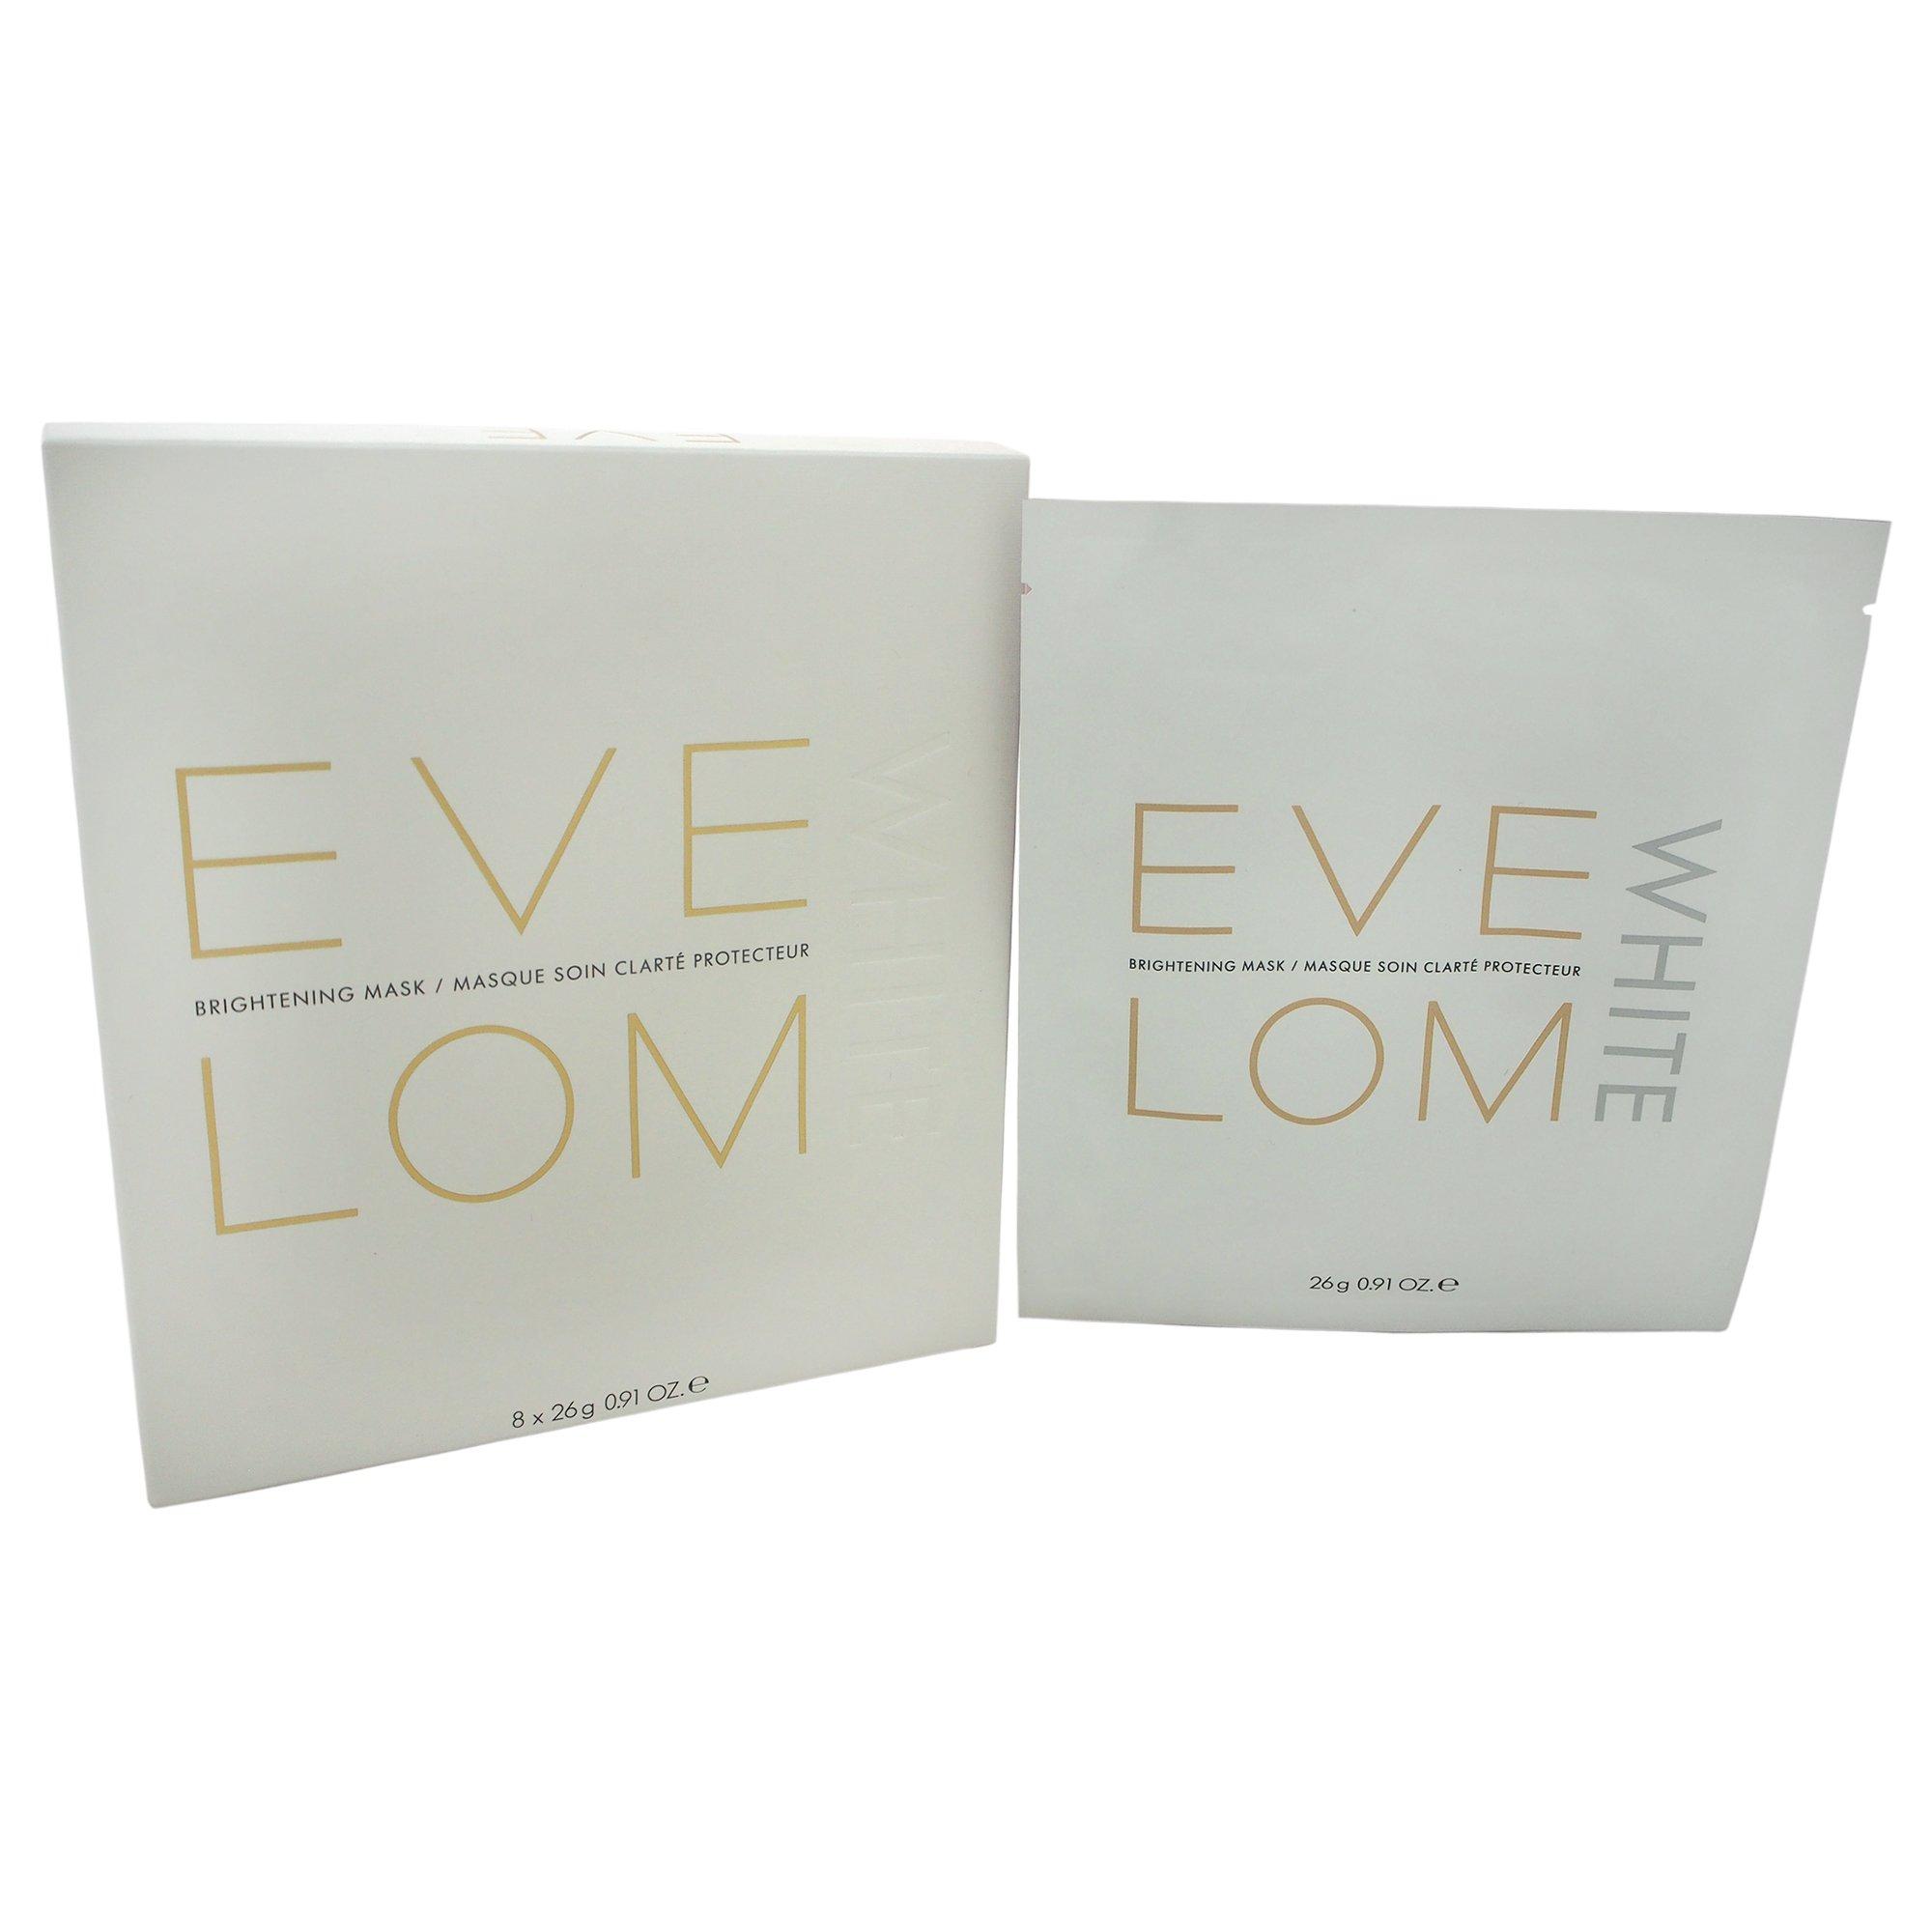 Eve Lom Unisex White Brightening Mask, 0.91 Ounce